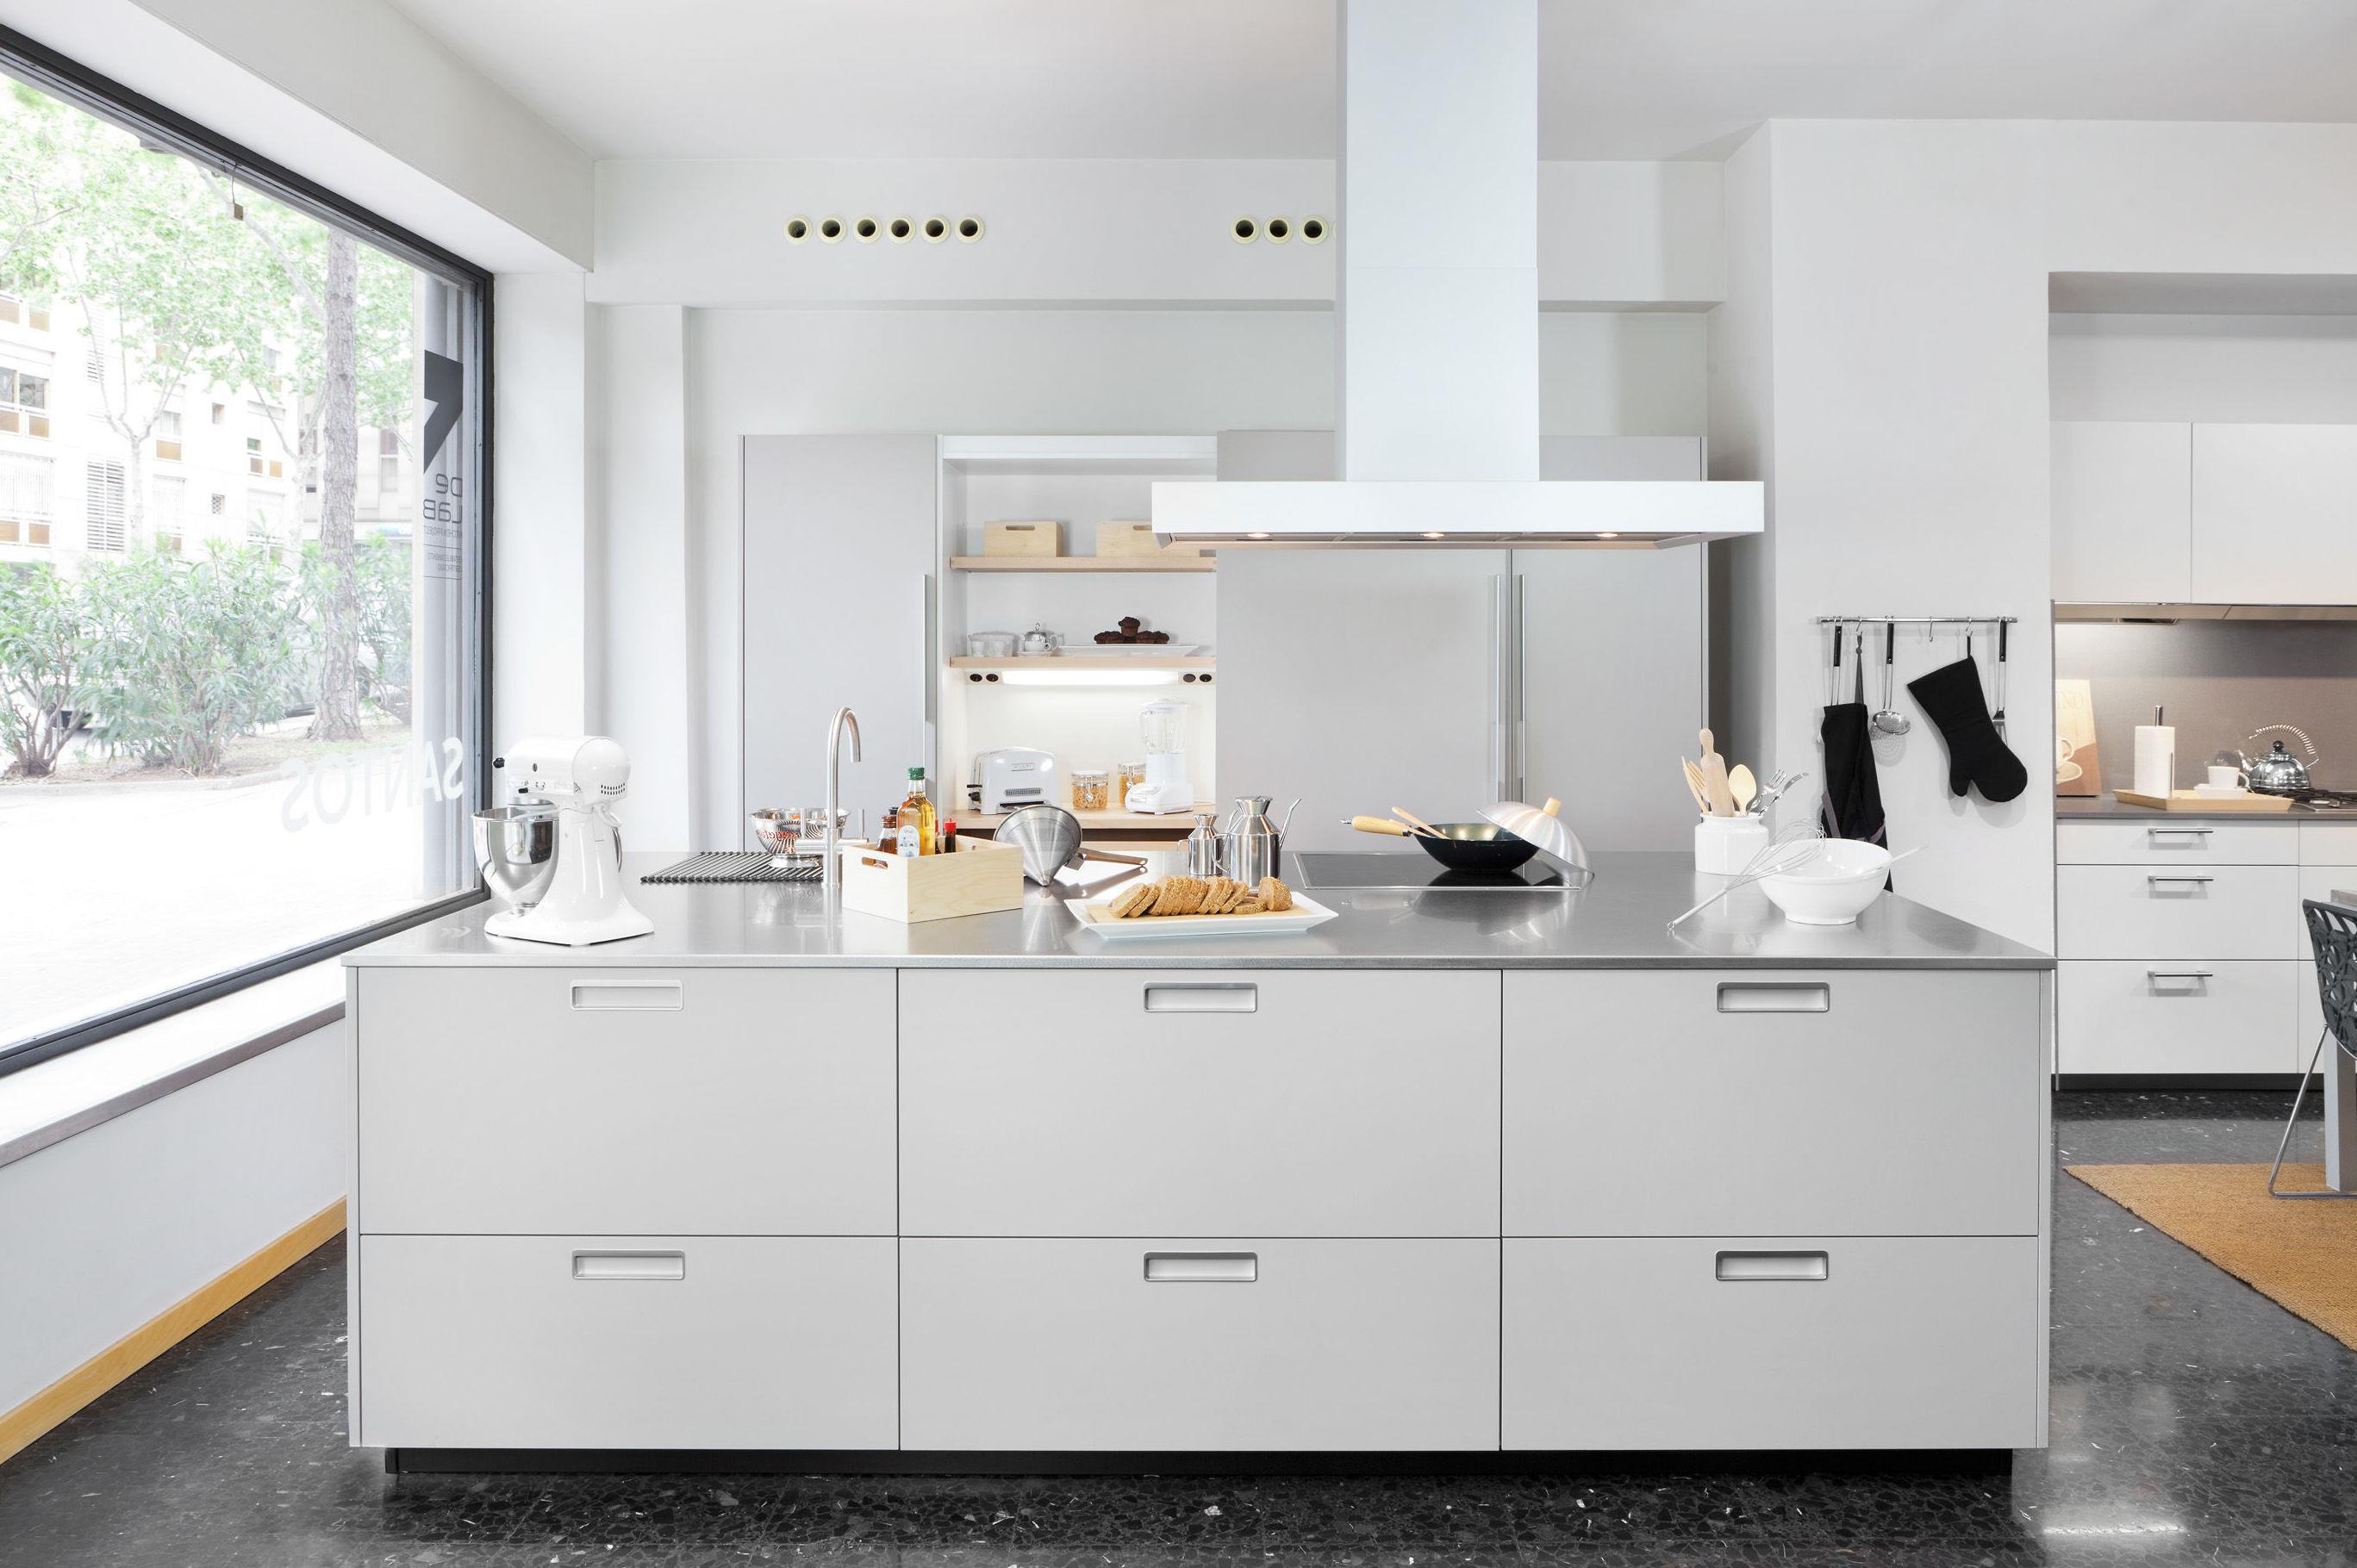 Interiorismo. Cocinas de diseño